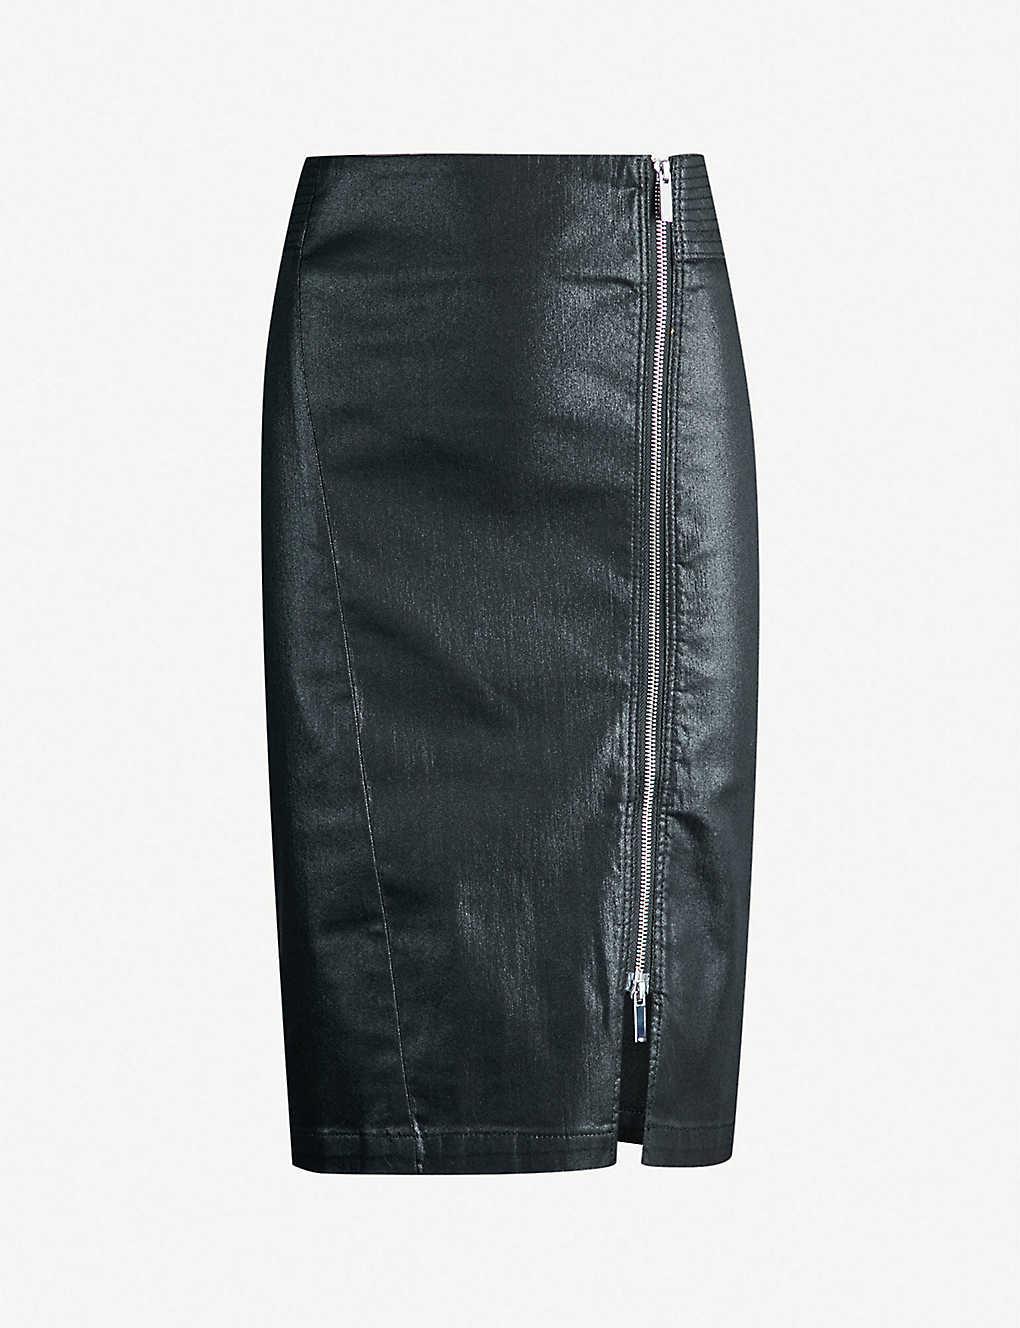 e01246a56 KAREN MILLEN - Coated stretch-denim pencil skirt | Selfridges.com